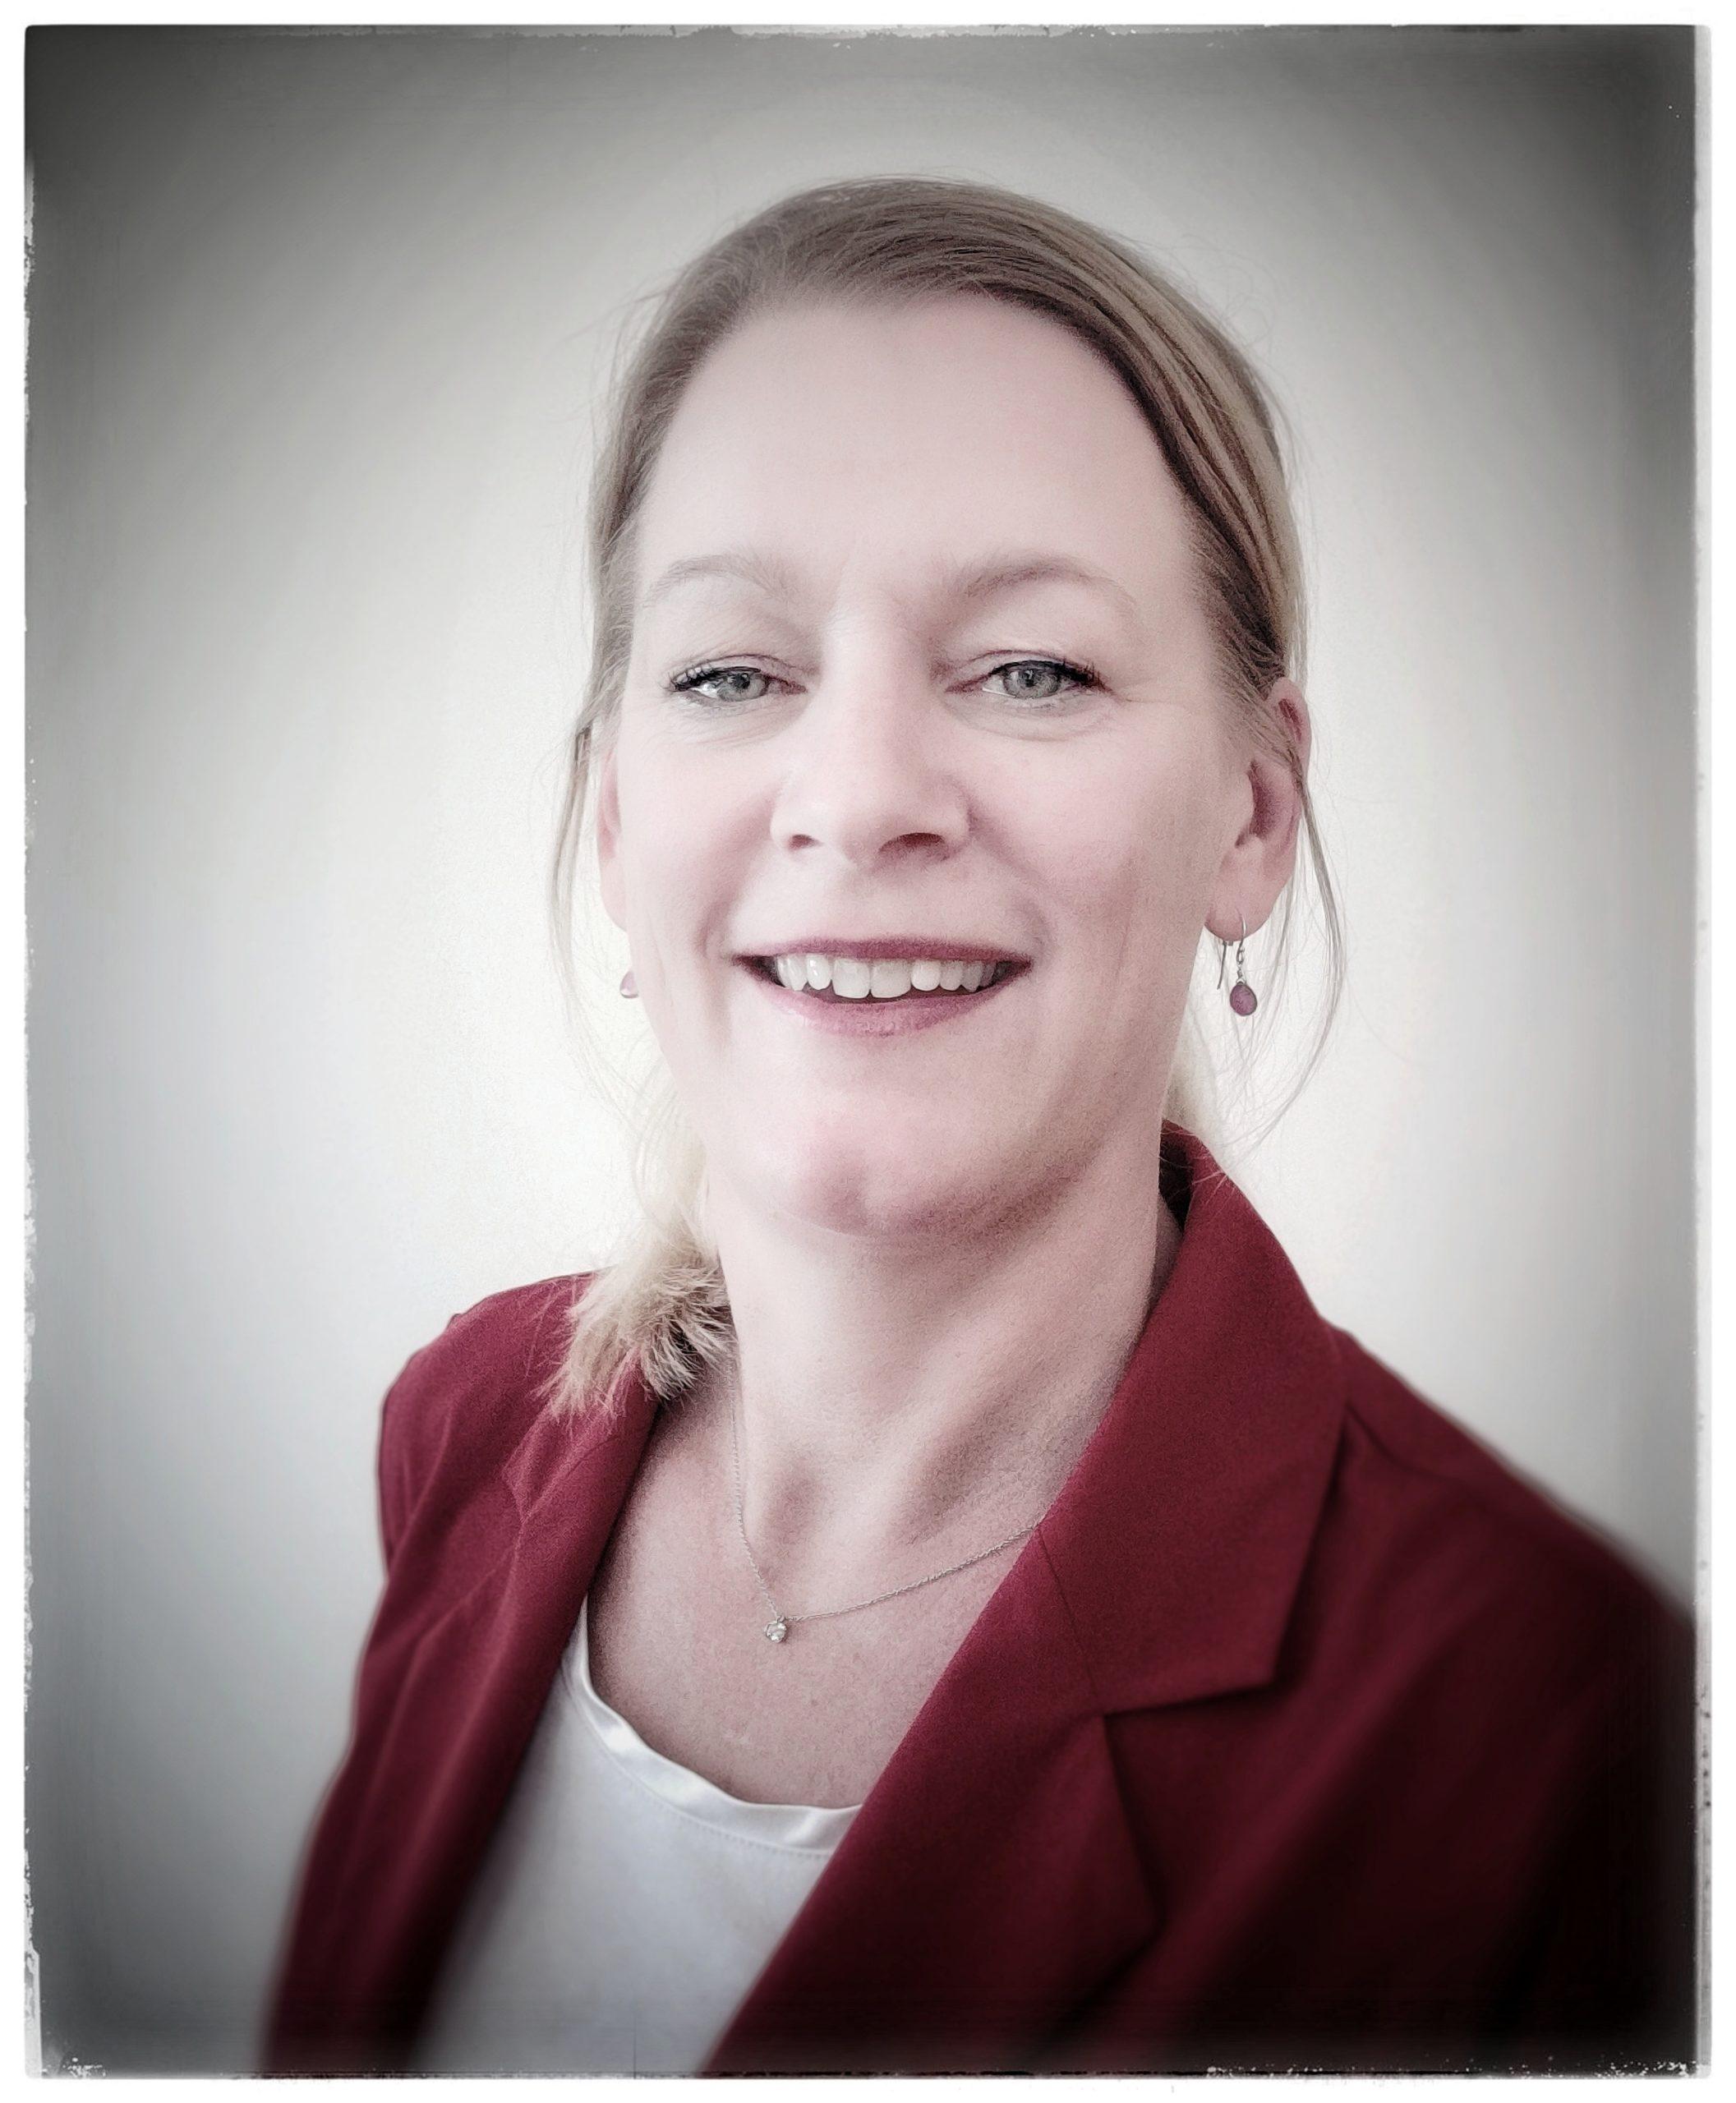 Mirna Robert-Du Ry van Beest Holle portrait